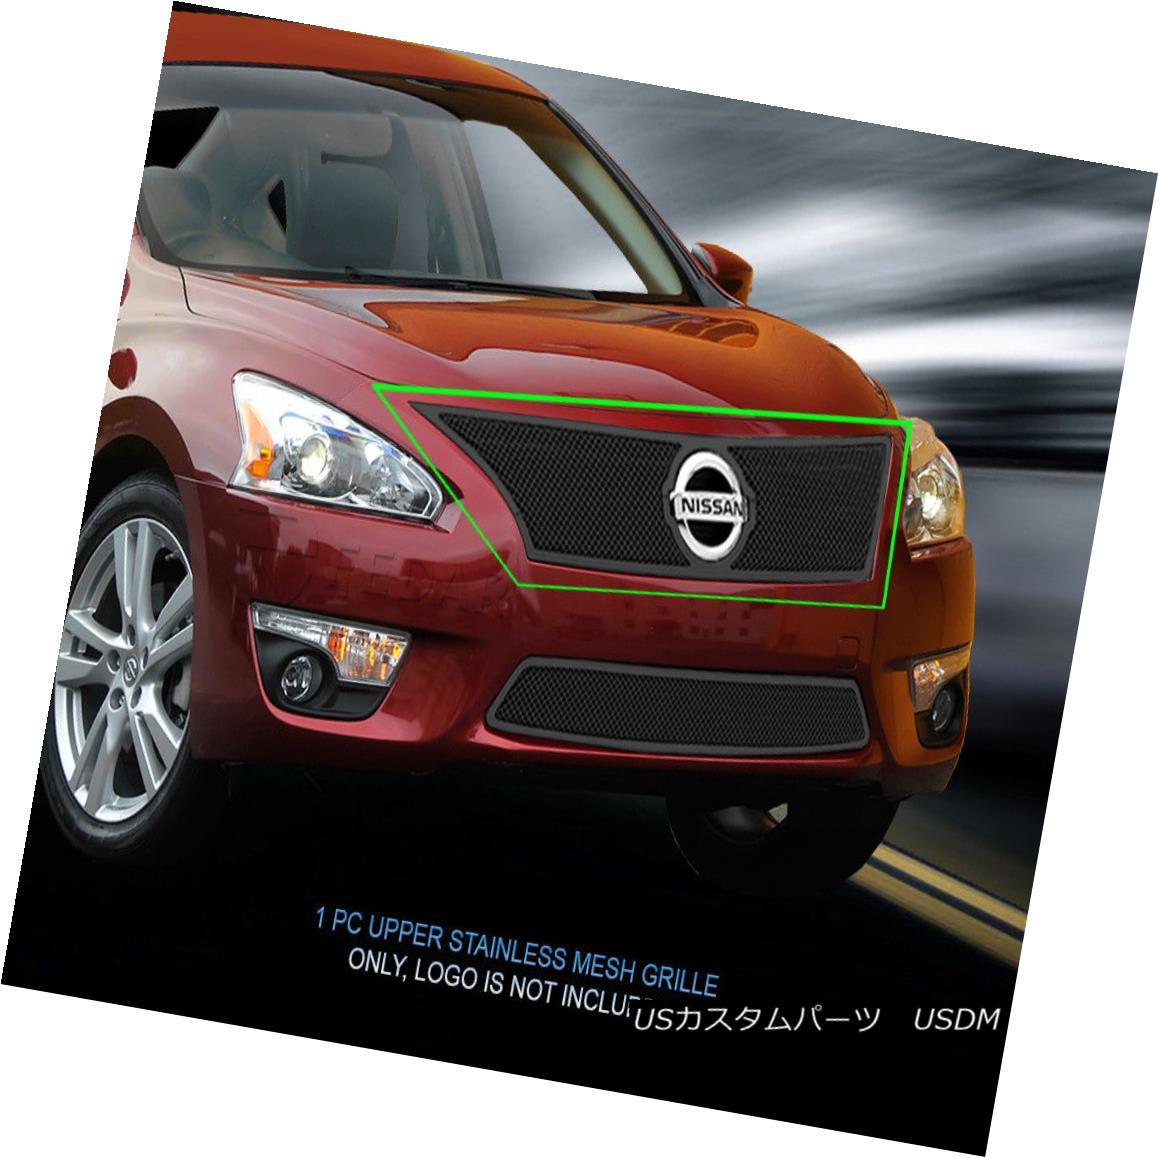 グリル Fedar Fits 2013-2015 Nissan Altima 2.5 S Wire Mesh Grille Combo Insert Fedarは2013-2015 Nissan Altima 2.5 Sワイヤメッシュグリルコンボインサート